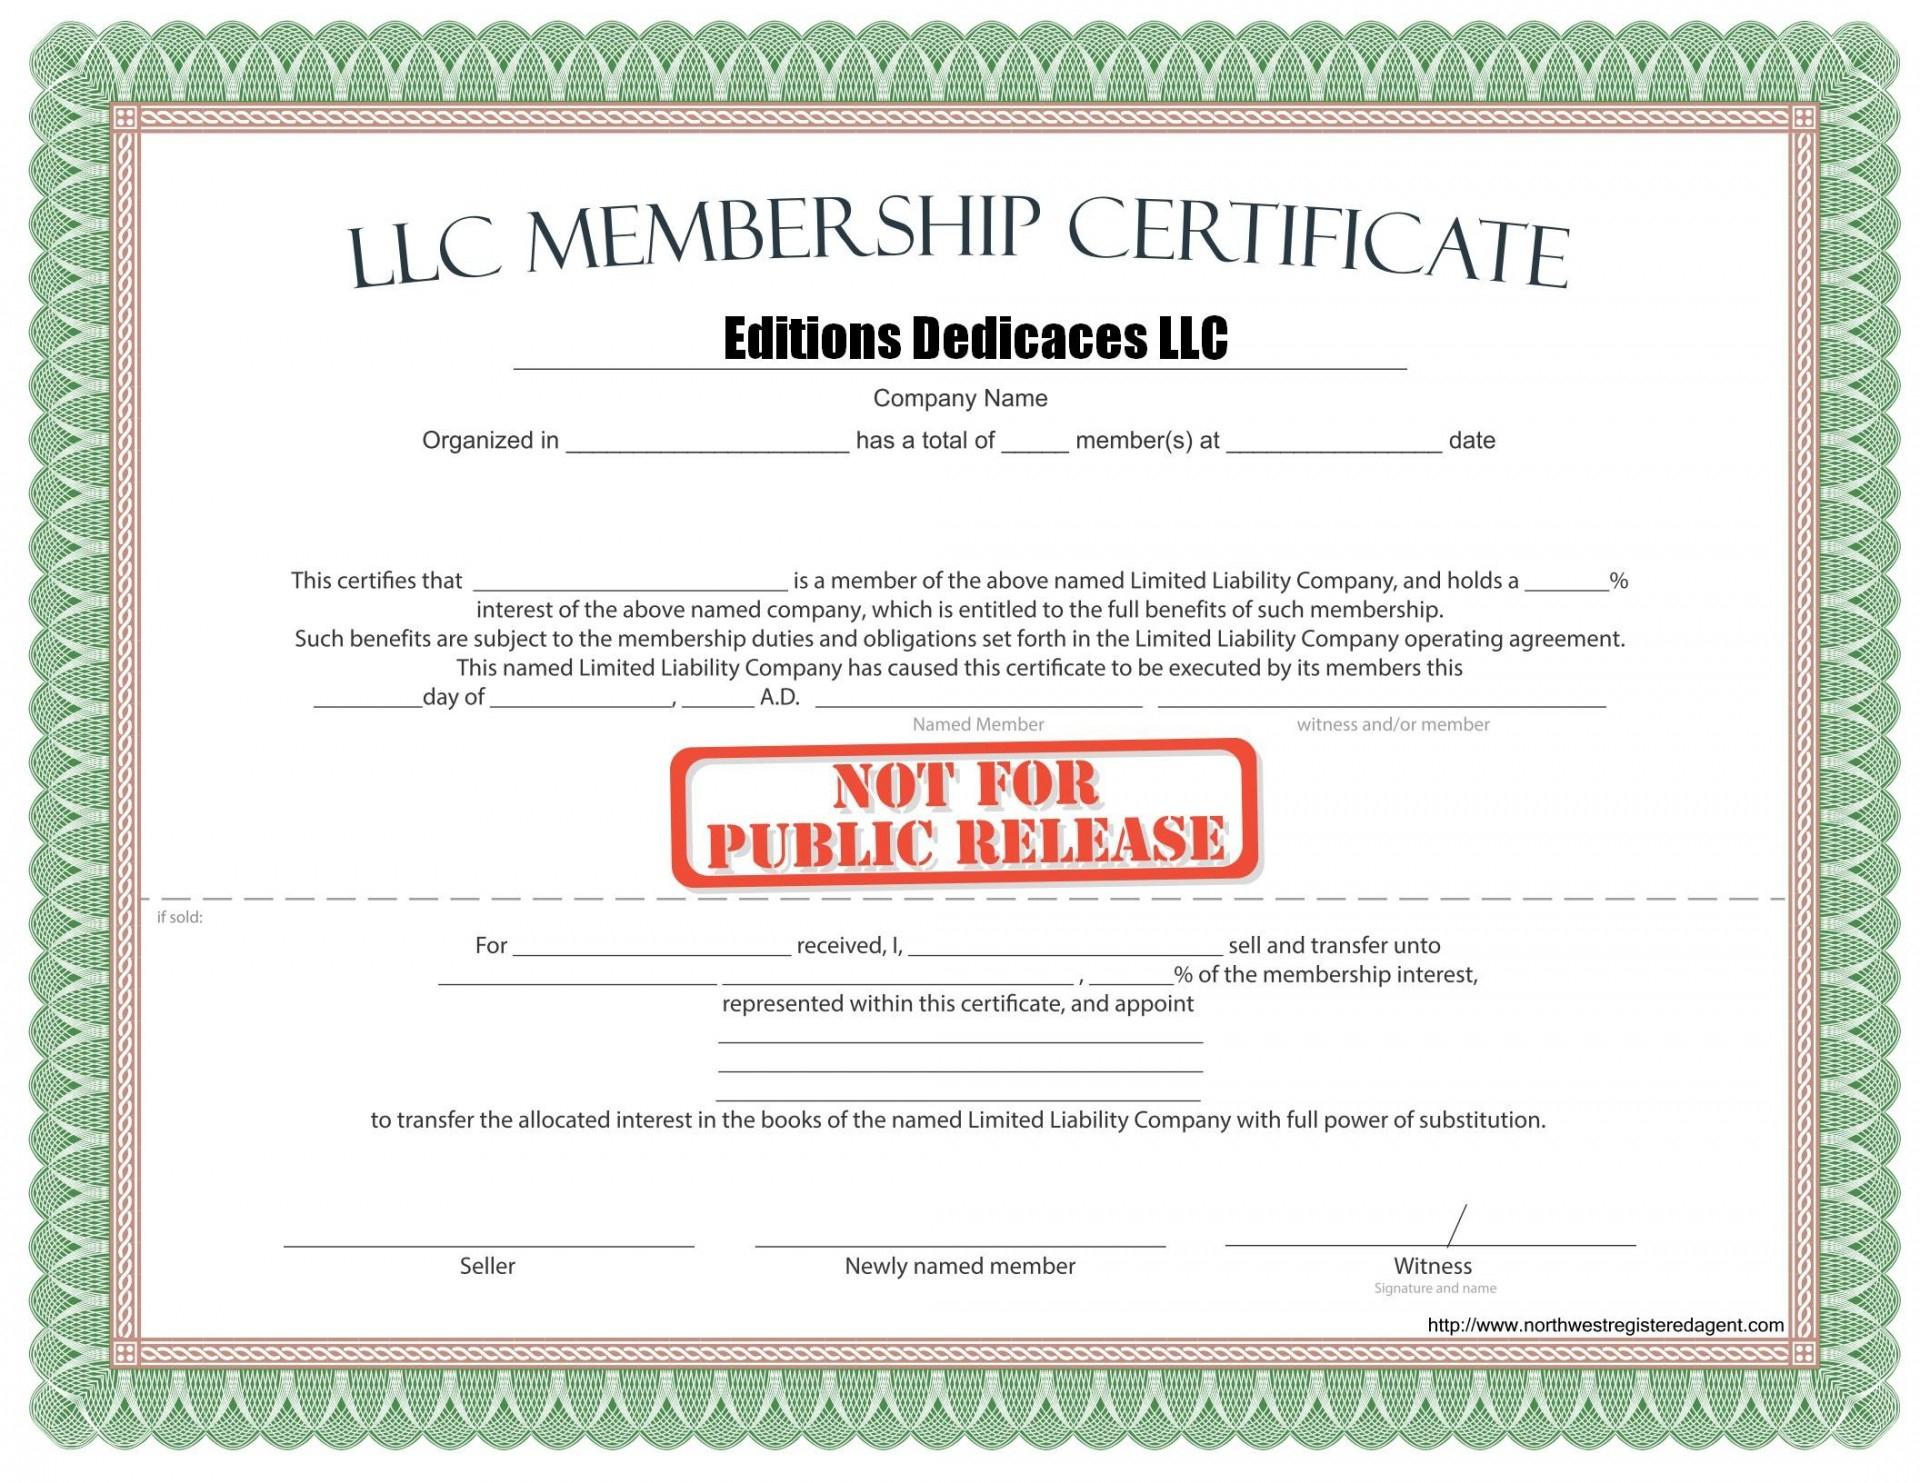 Llc Membership Certificate Template Word  Douglasbaseball in Awesome Llc Membership Certificate Template